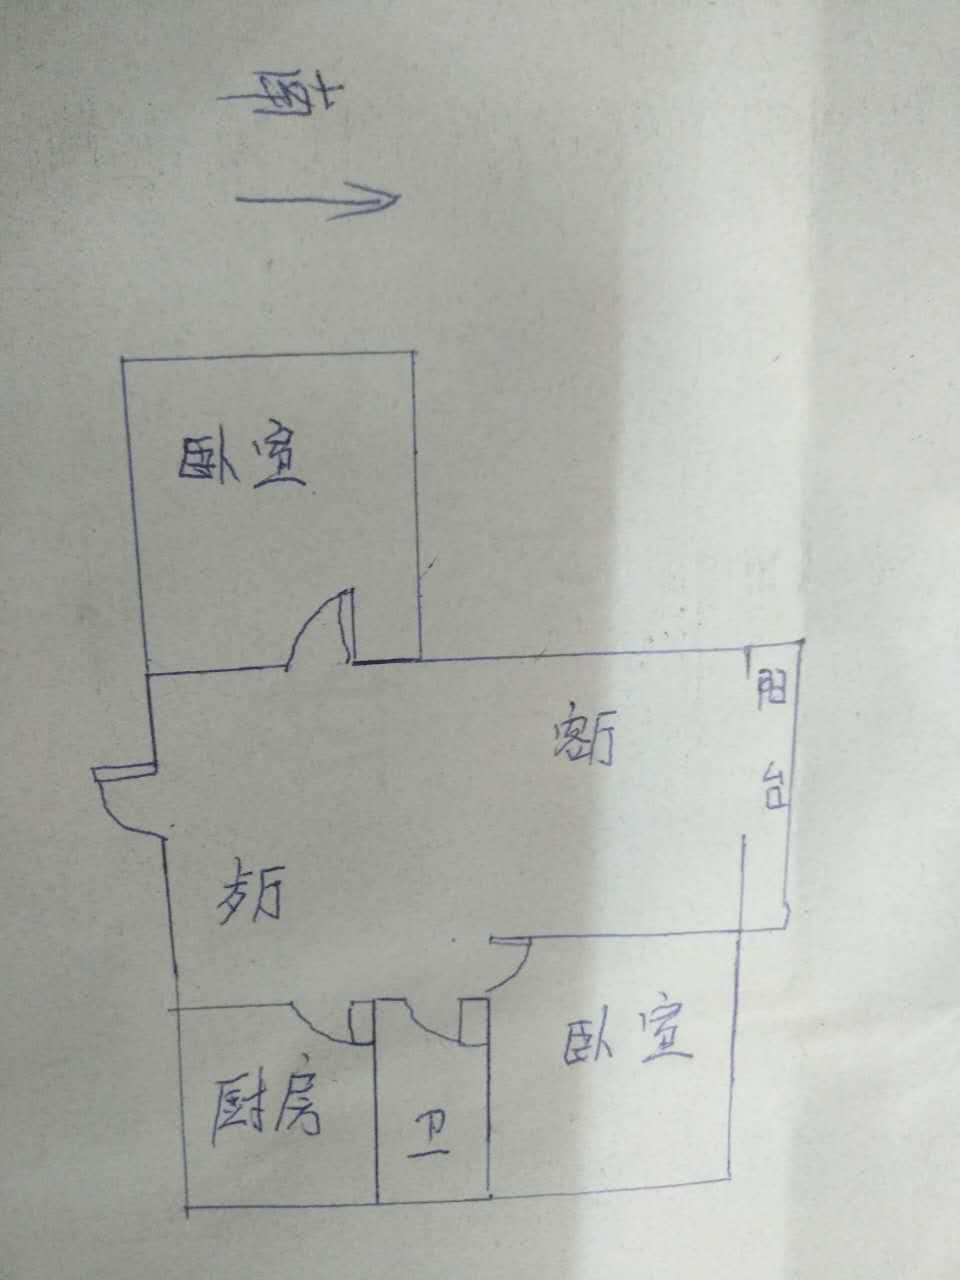 晶峰宿舍 2室1厅 2楼